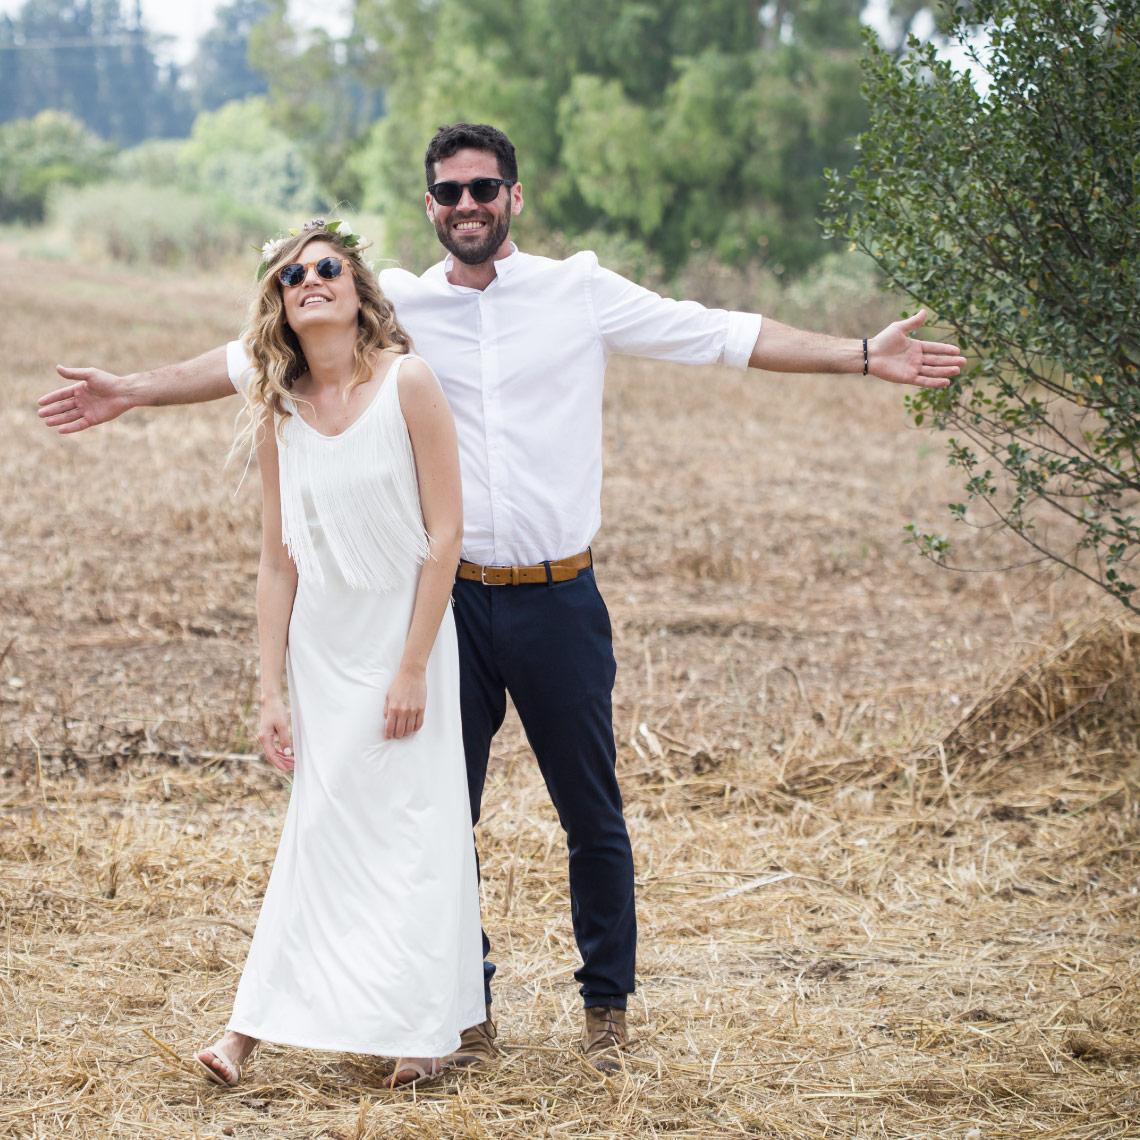 חתונה בפרדס - מרפסת בטבע